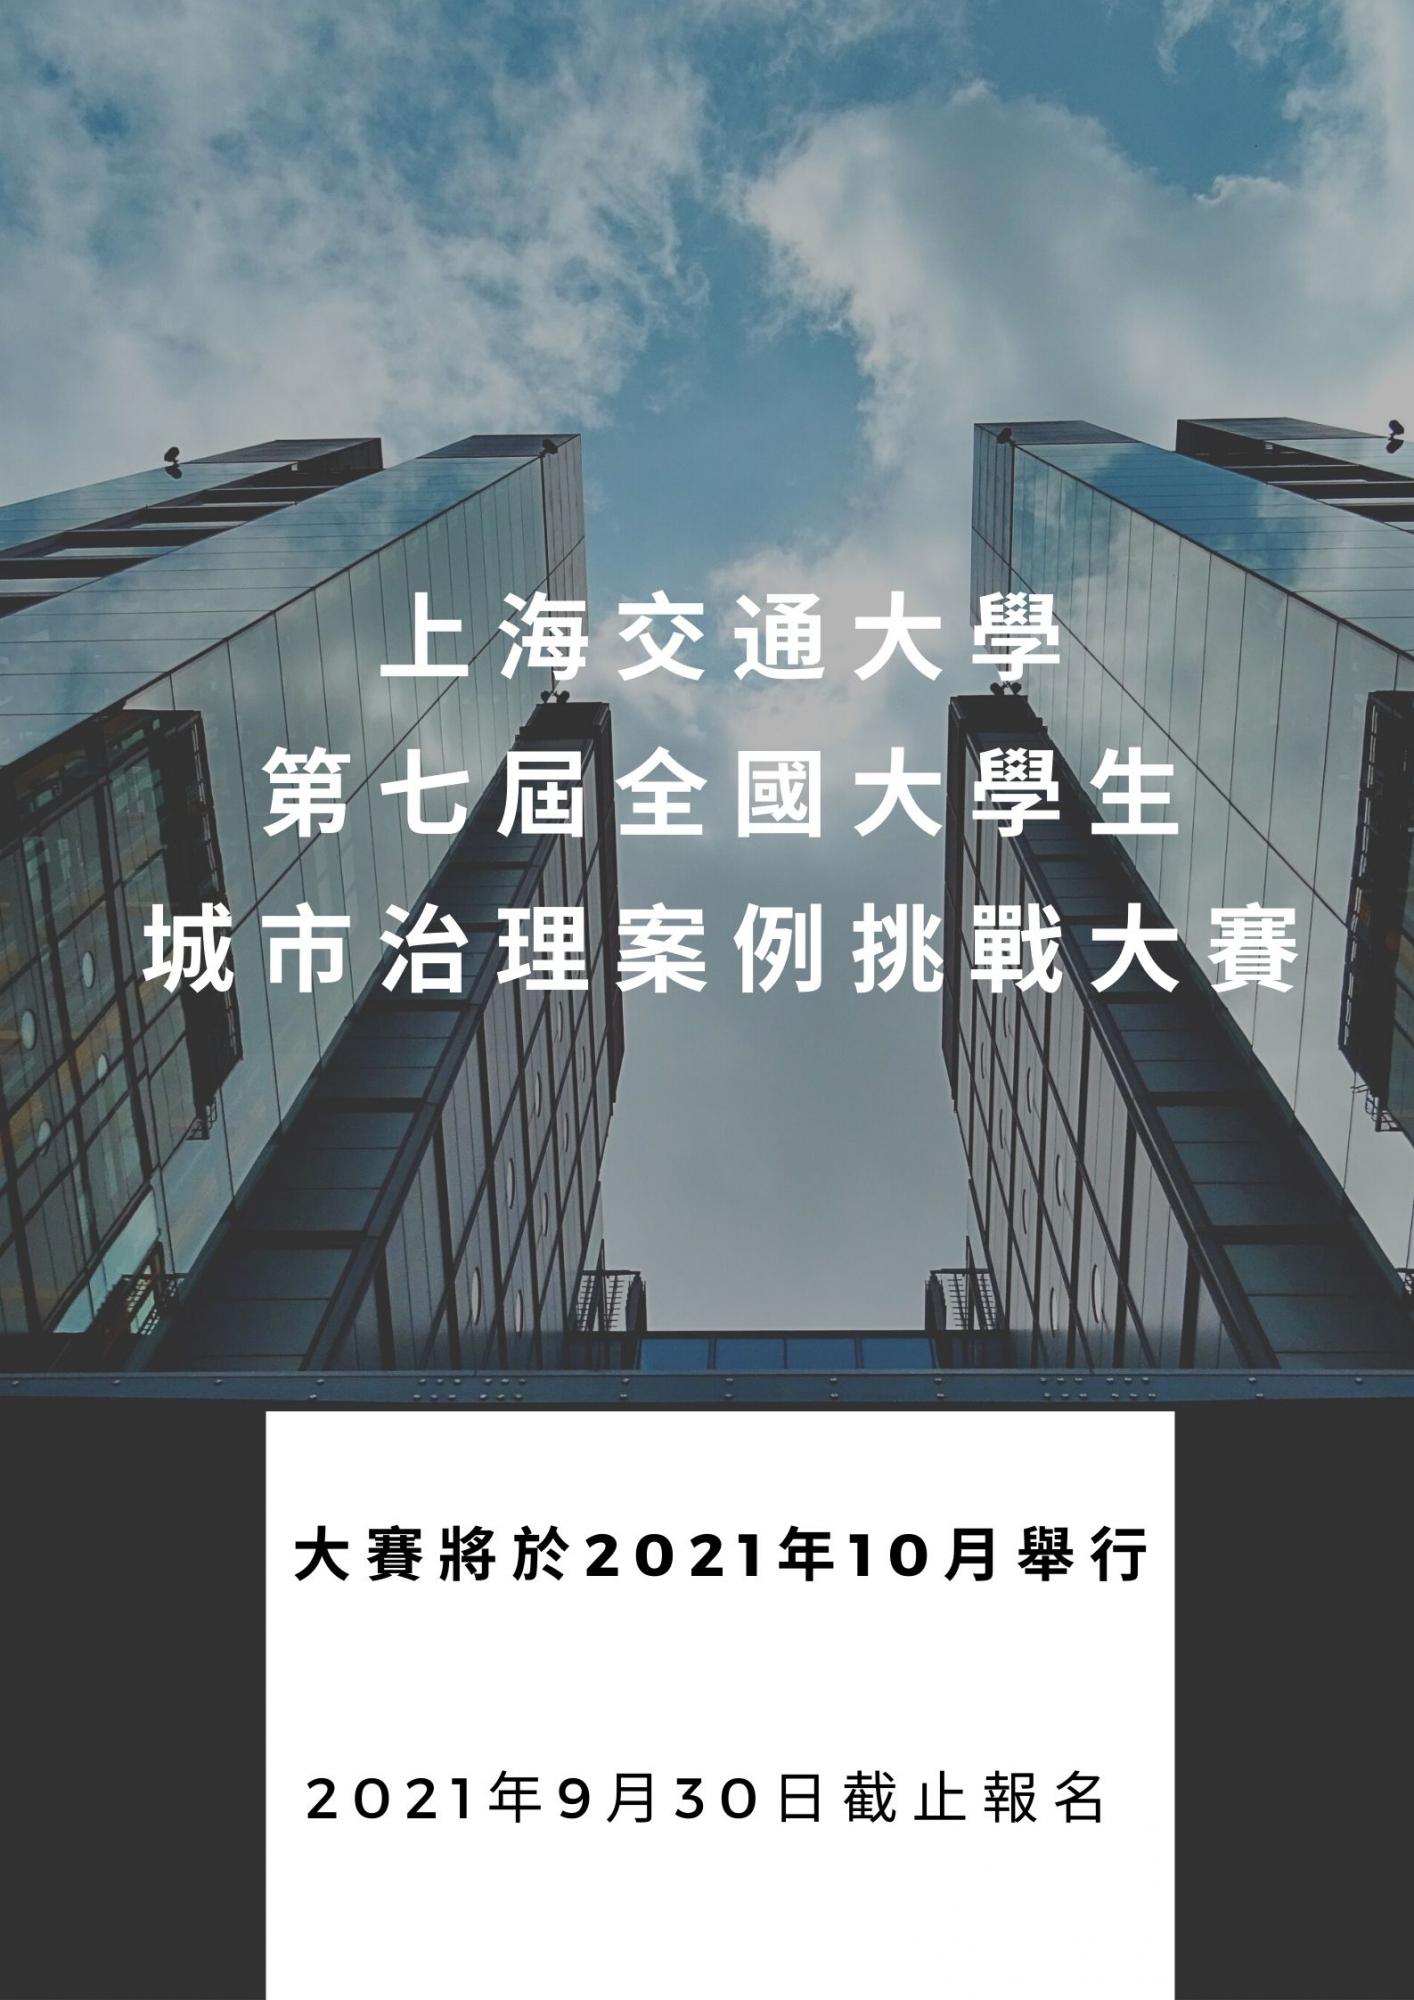 上海交通大學 第七屆全國大學生城市治理案例挑戰大賽